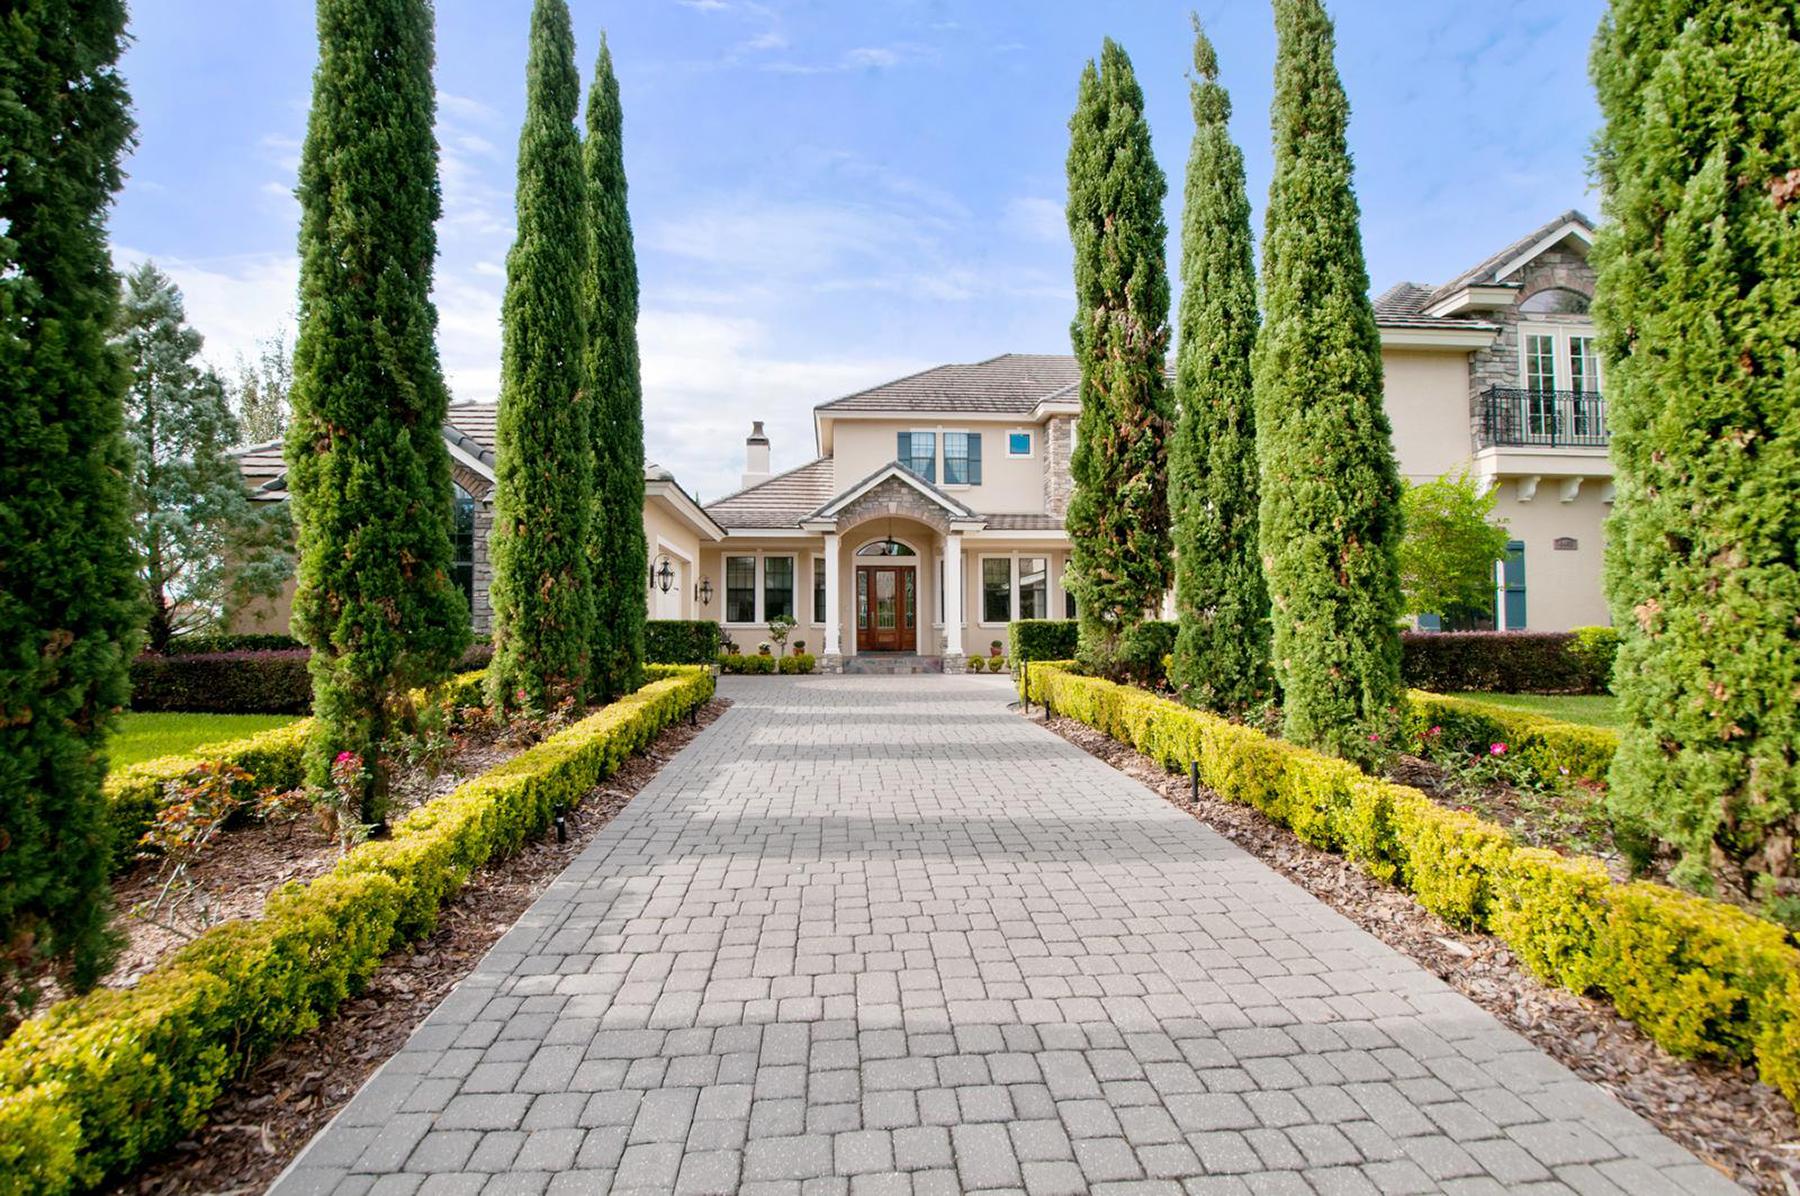 Casa Unifamiliar por un Venta en ORLANDO - WINDERMERE 6408 Lake Burden View Dr Windermere, Florida, 34786 Estados Unidos